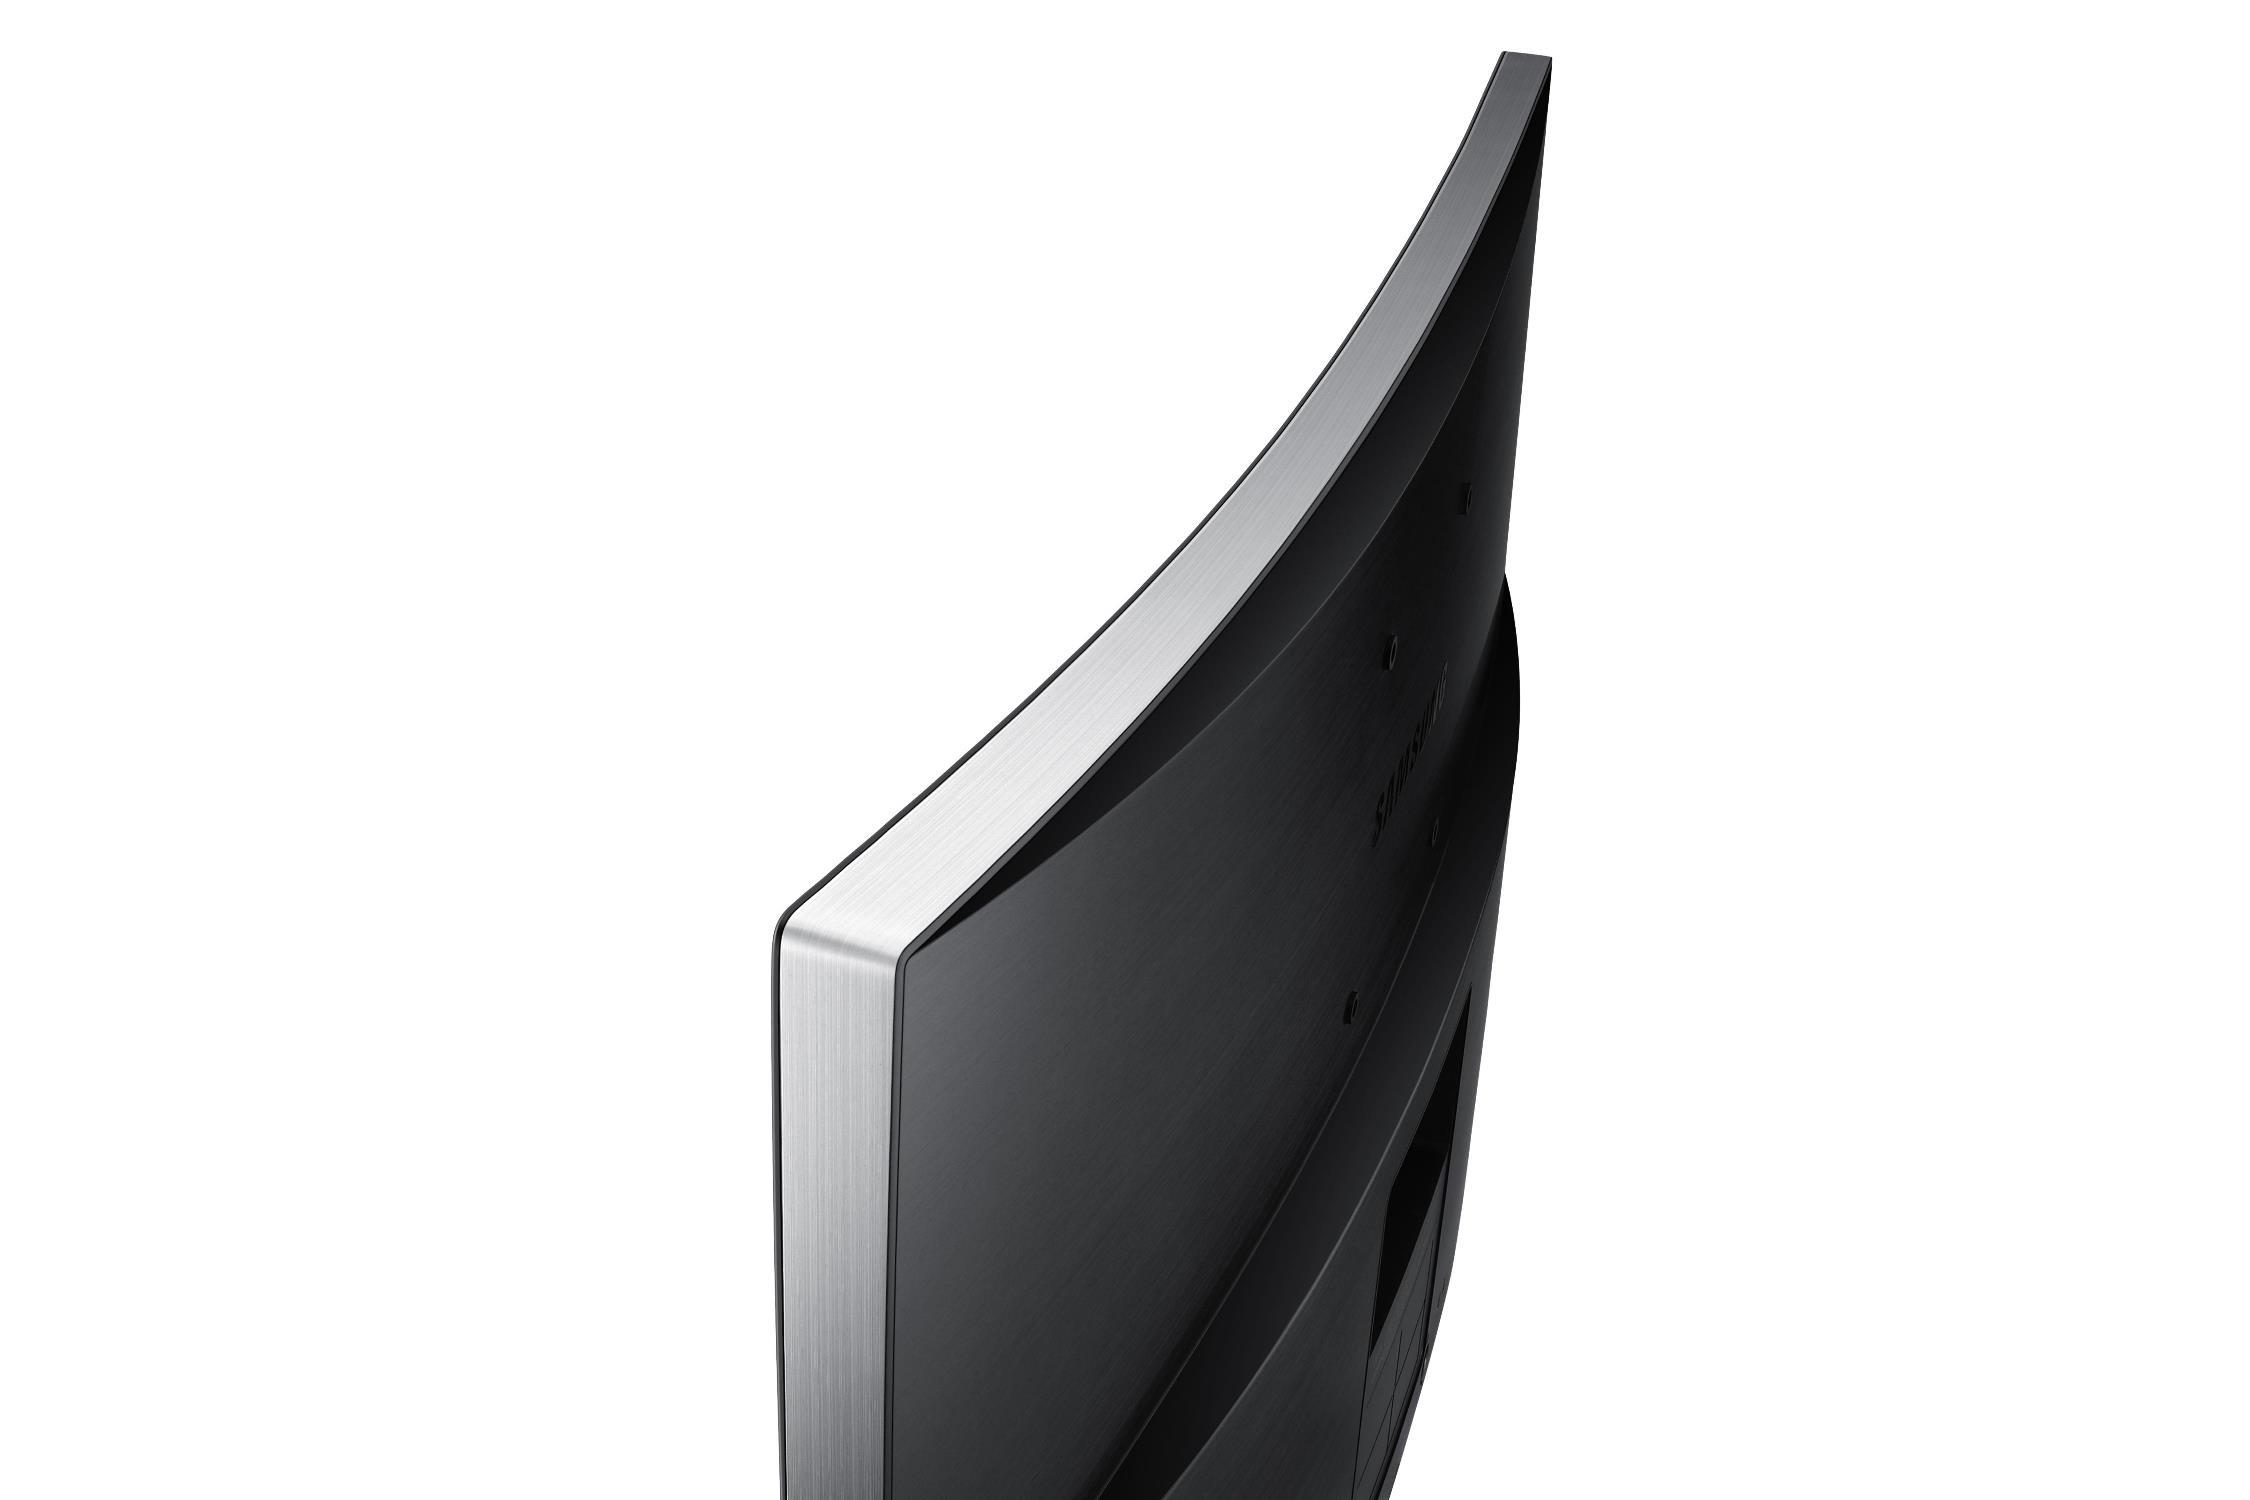 Samsung S27D590C - 27-calowy monitor FullHD z zakrzywion� matryc�